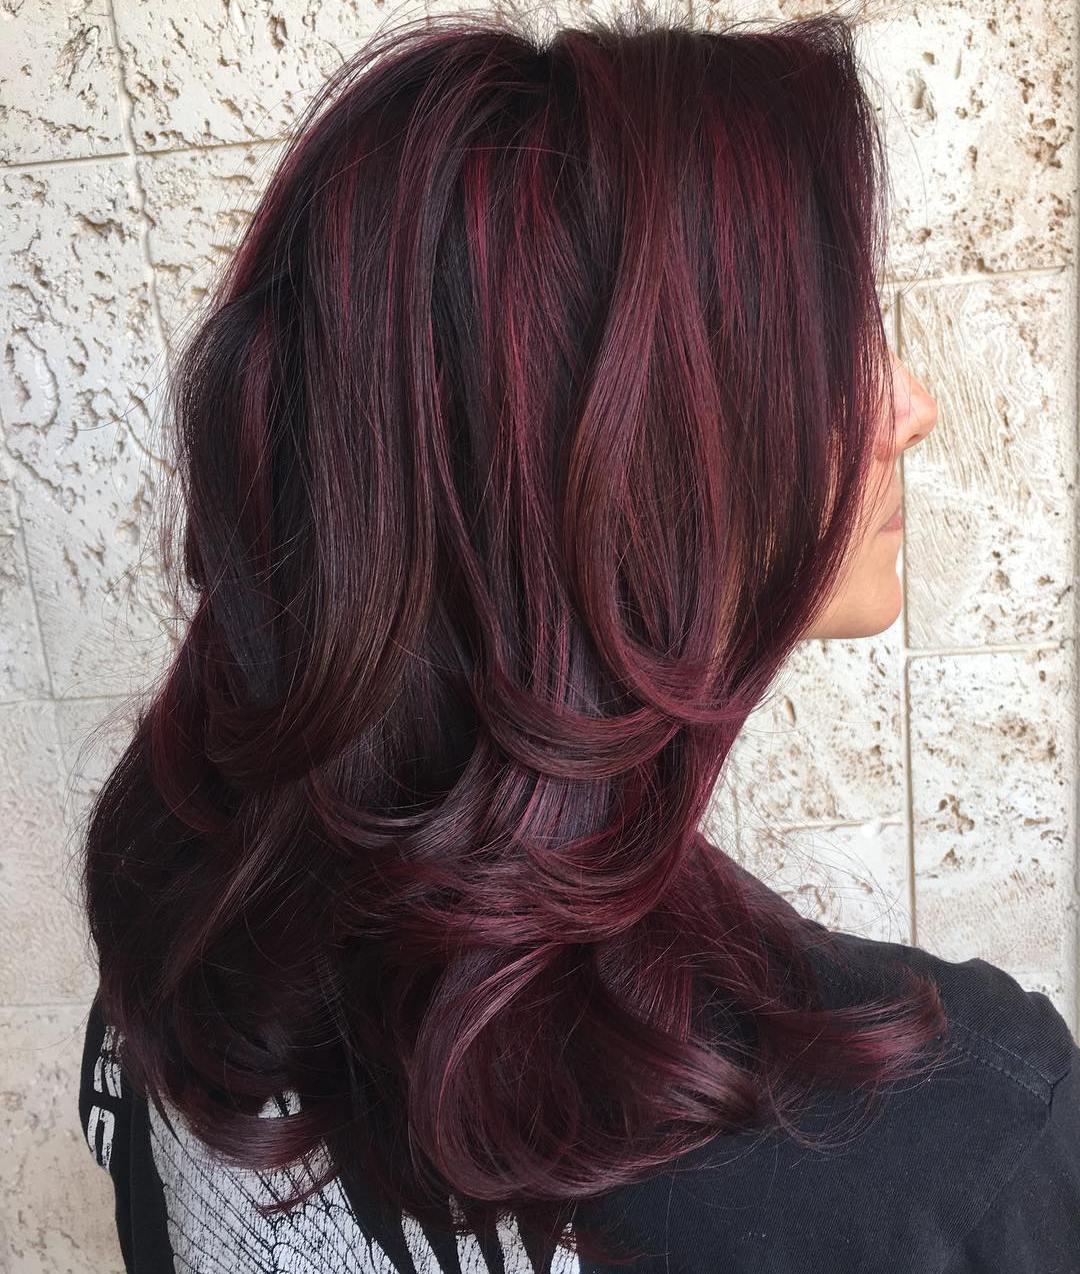 Maroon Streaks In Black Hair Www Pixshark Com Images